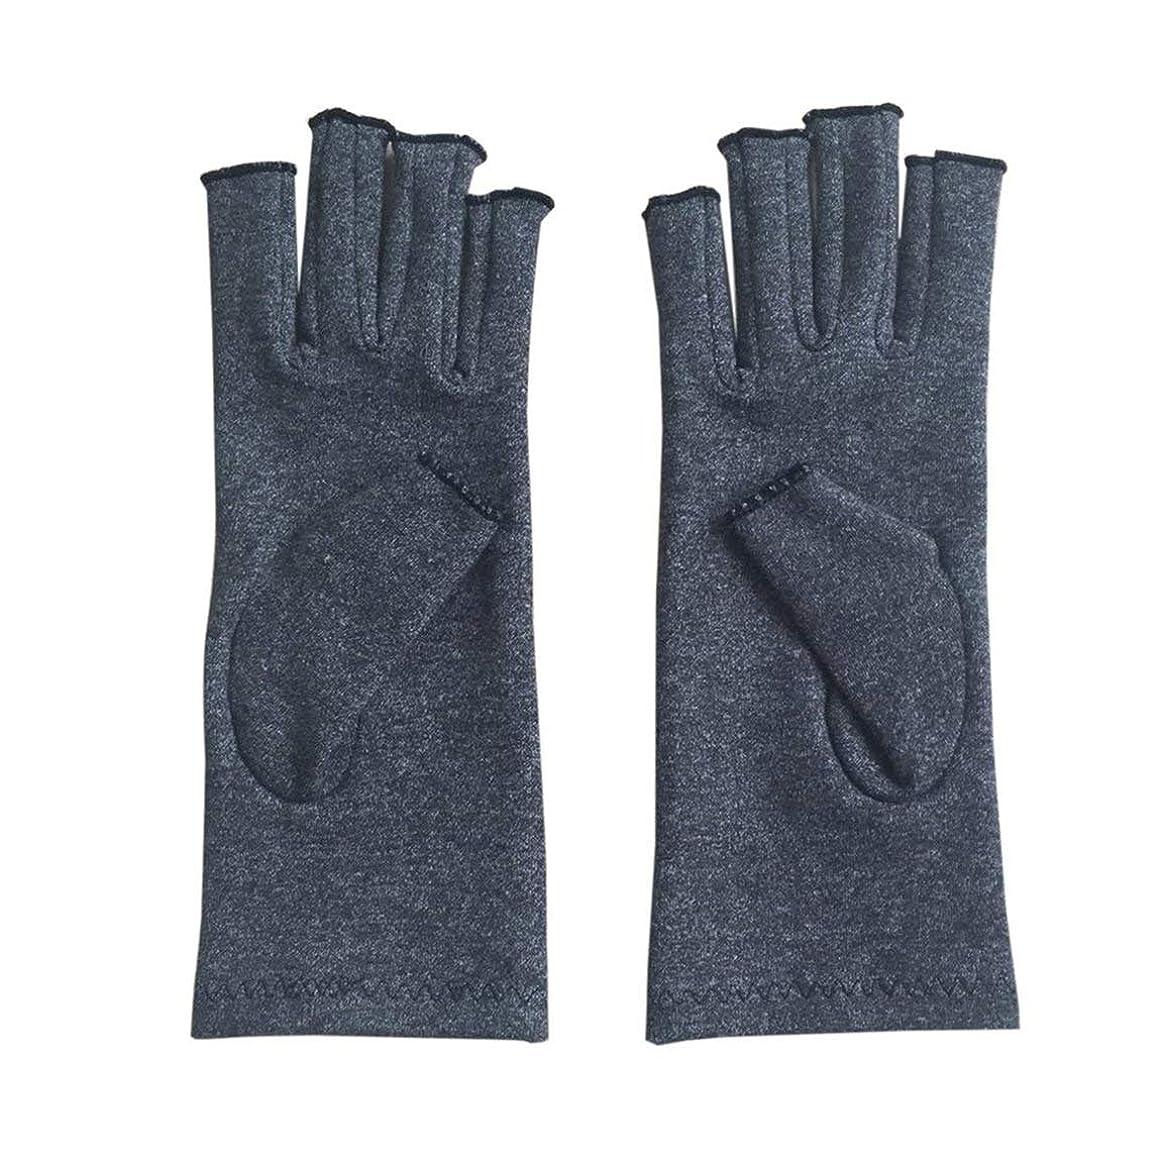 ありふれた具体的にドリンクペア/セット快適な男性女性療法圧縮手袋無地通気性関節炎関節痛緩和手袋 - グレーM